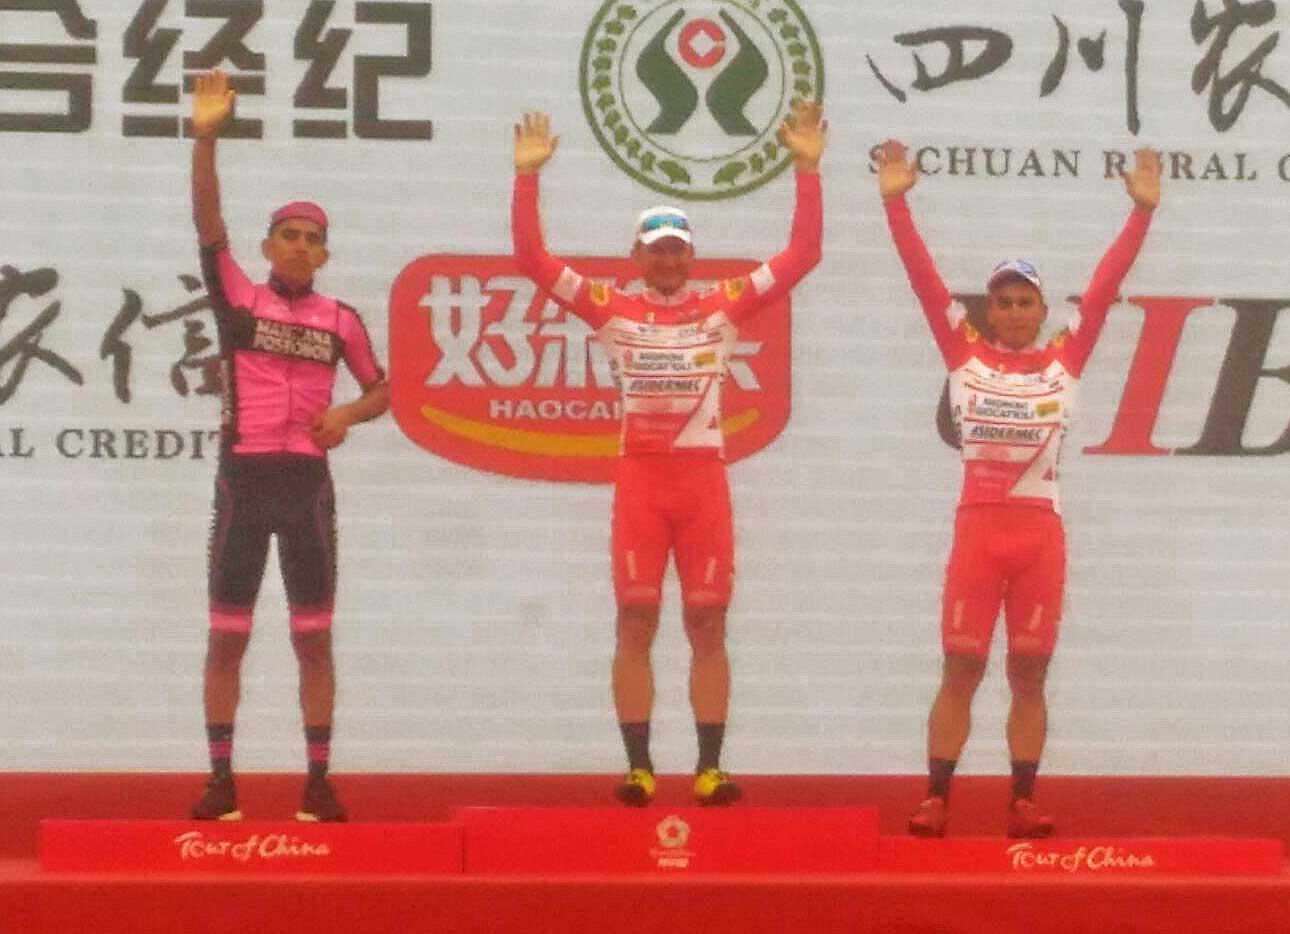 Il podio della terza tappa del Tour of China I vinta da Marco Benfatto